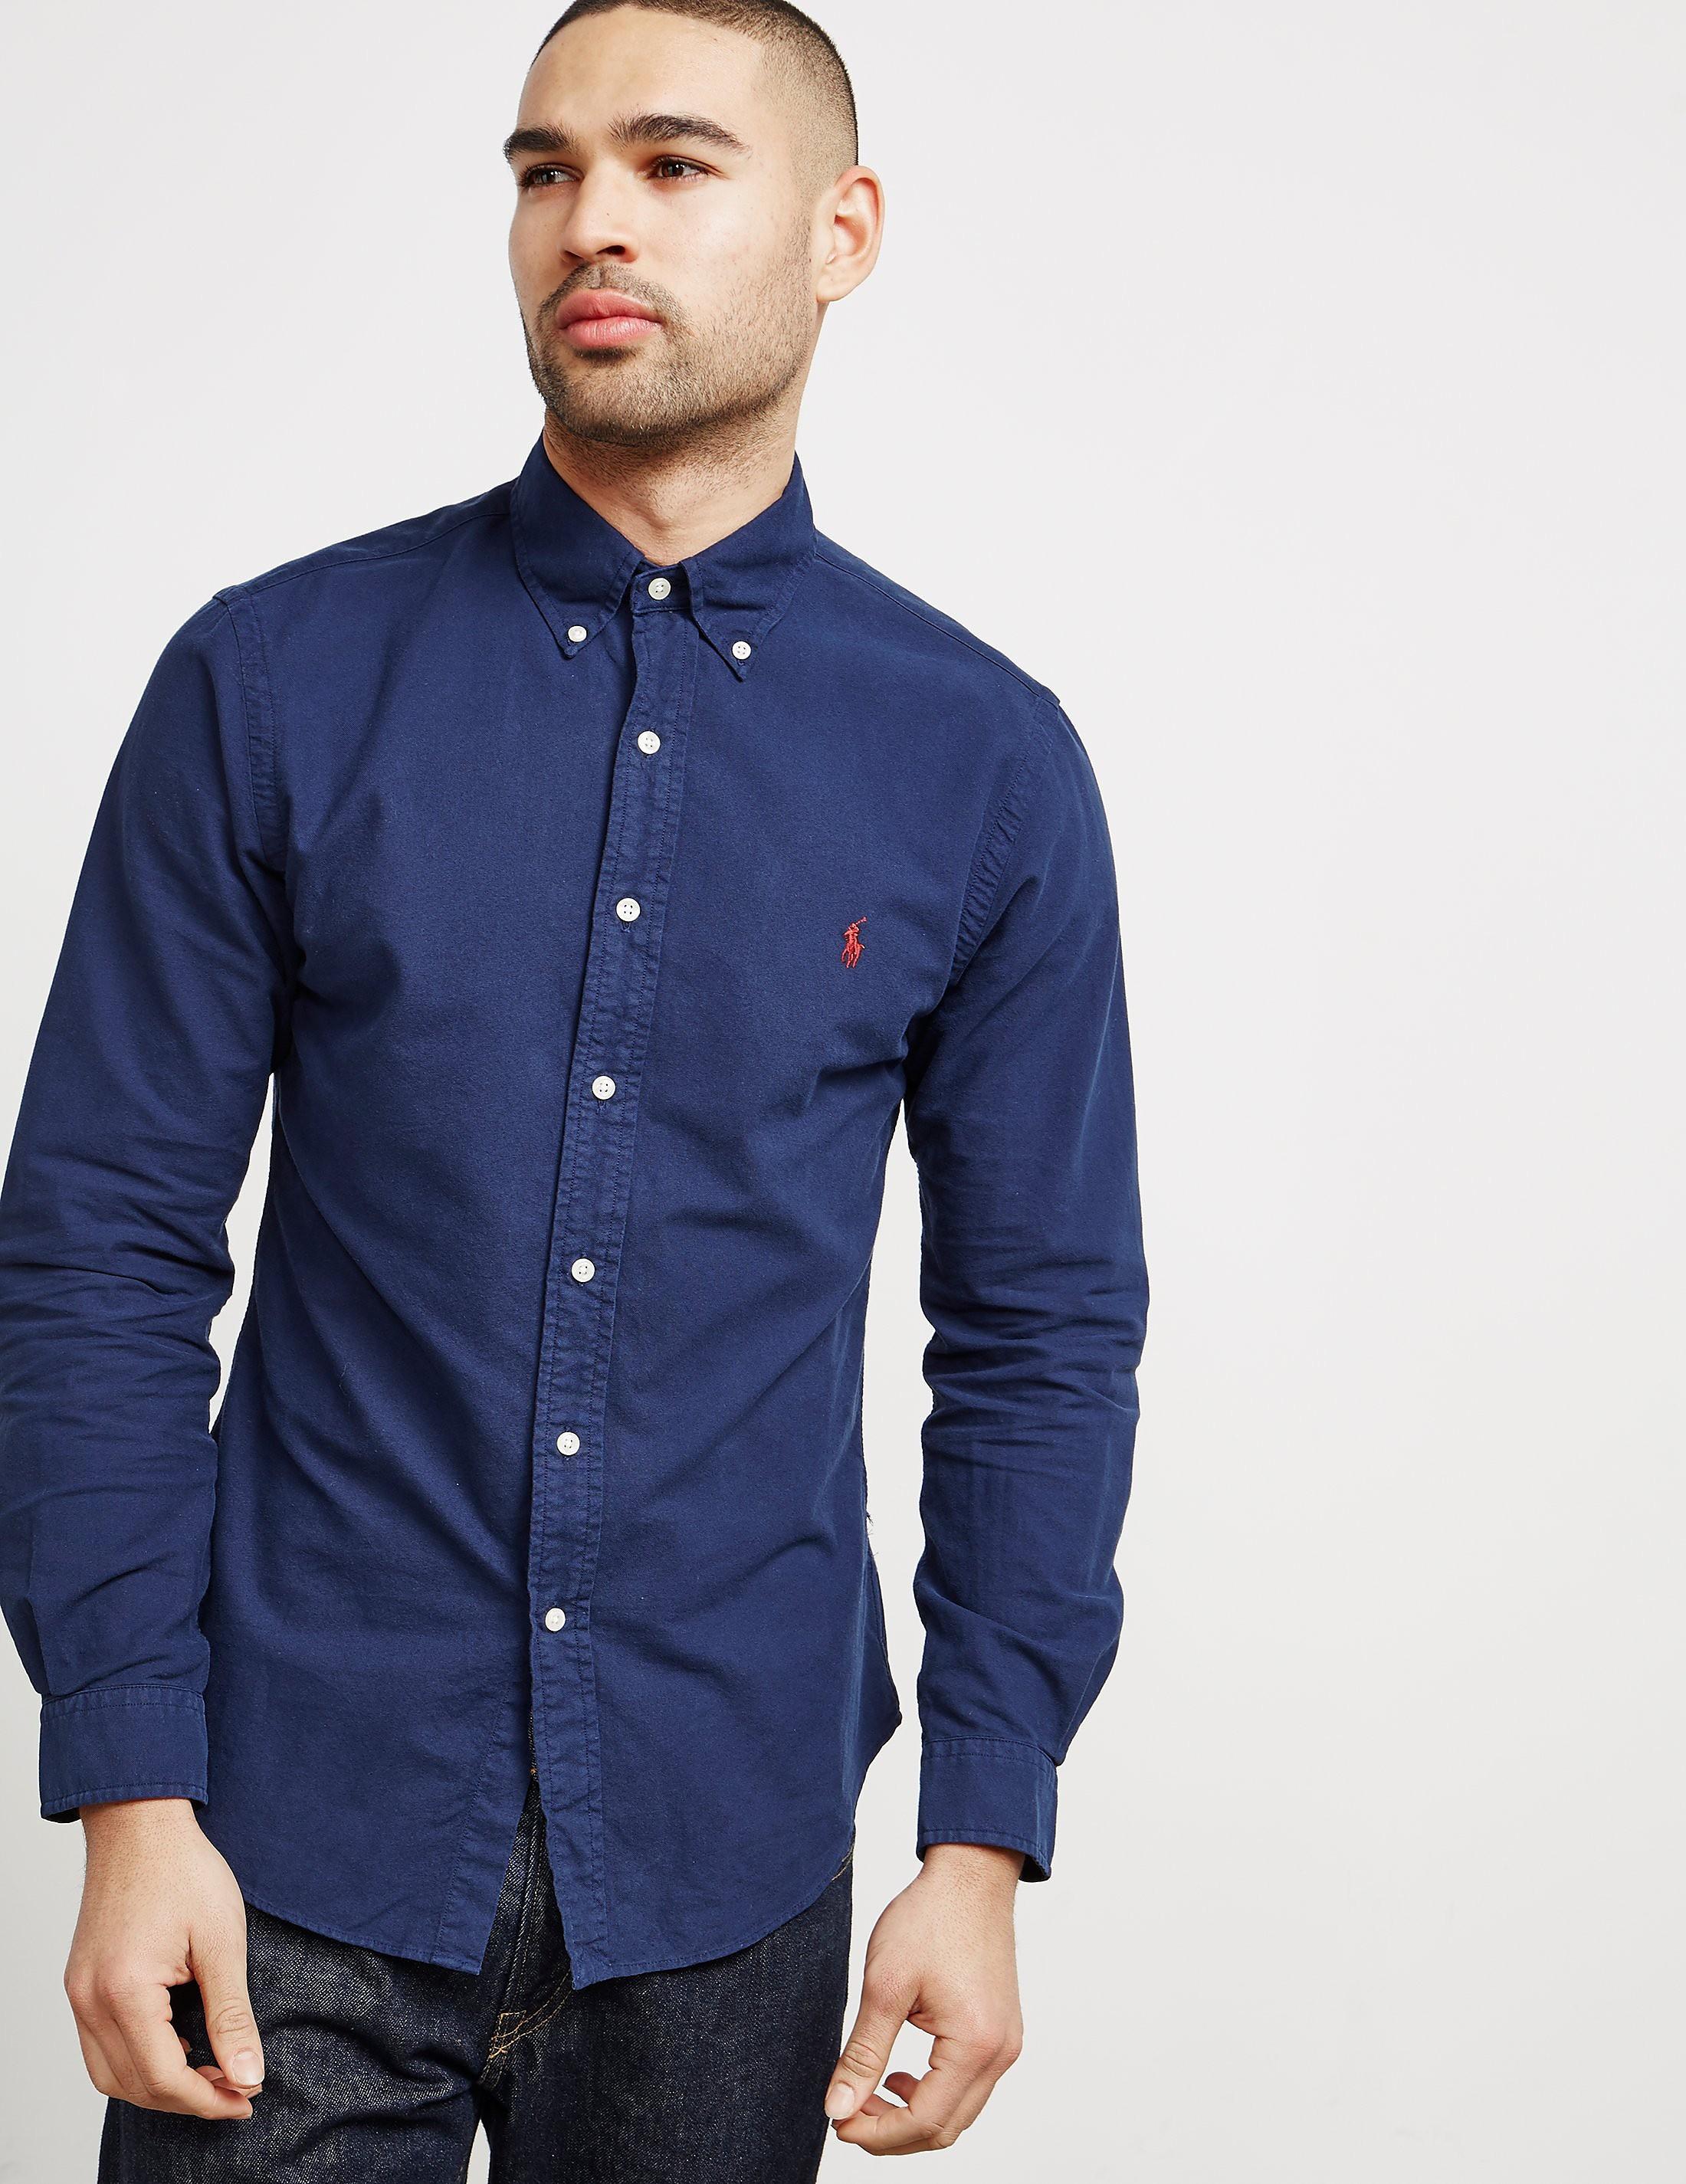 Polo Ralph Lauren Oxford Long Sleeve Shirt